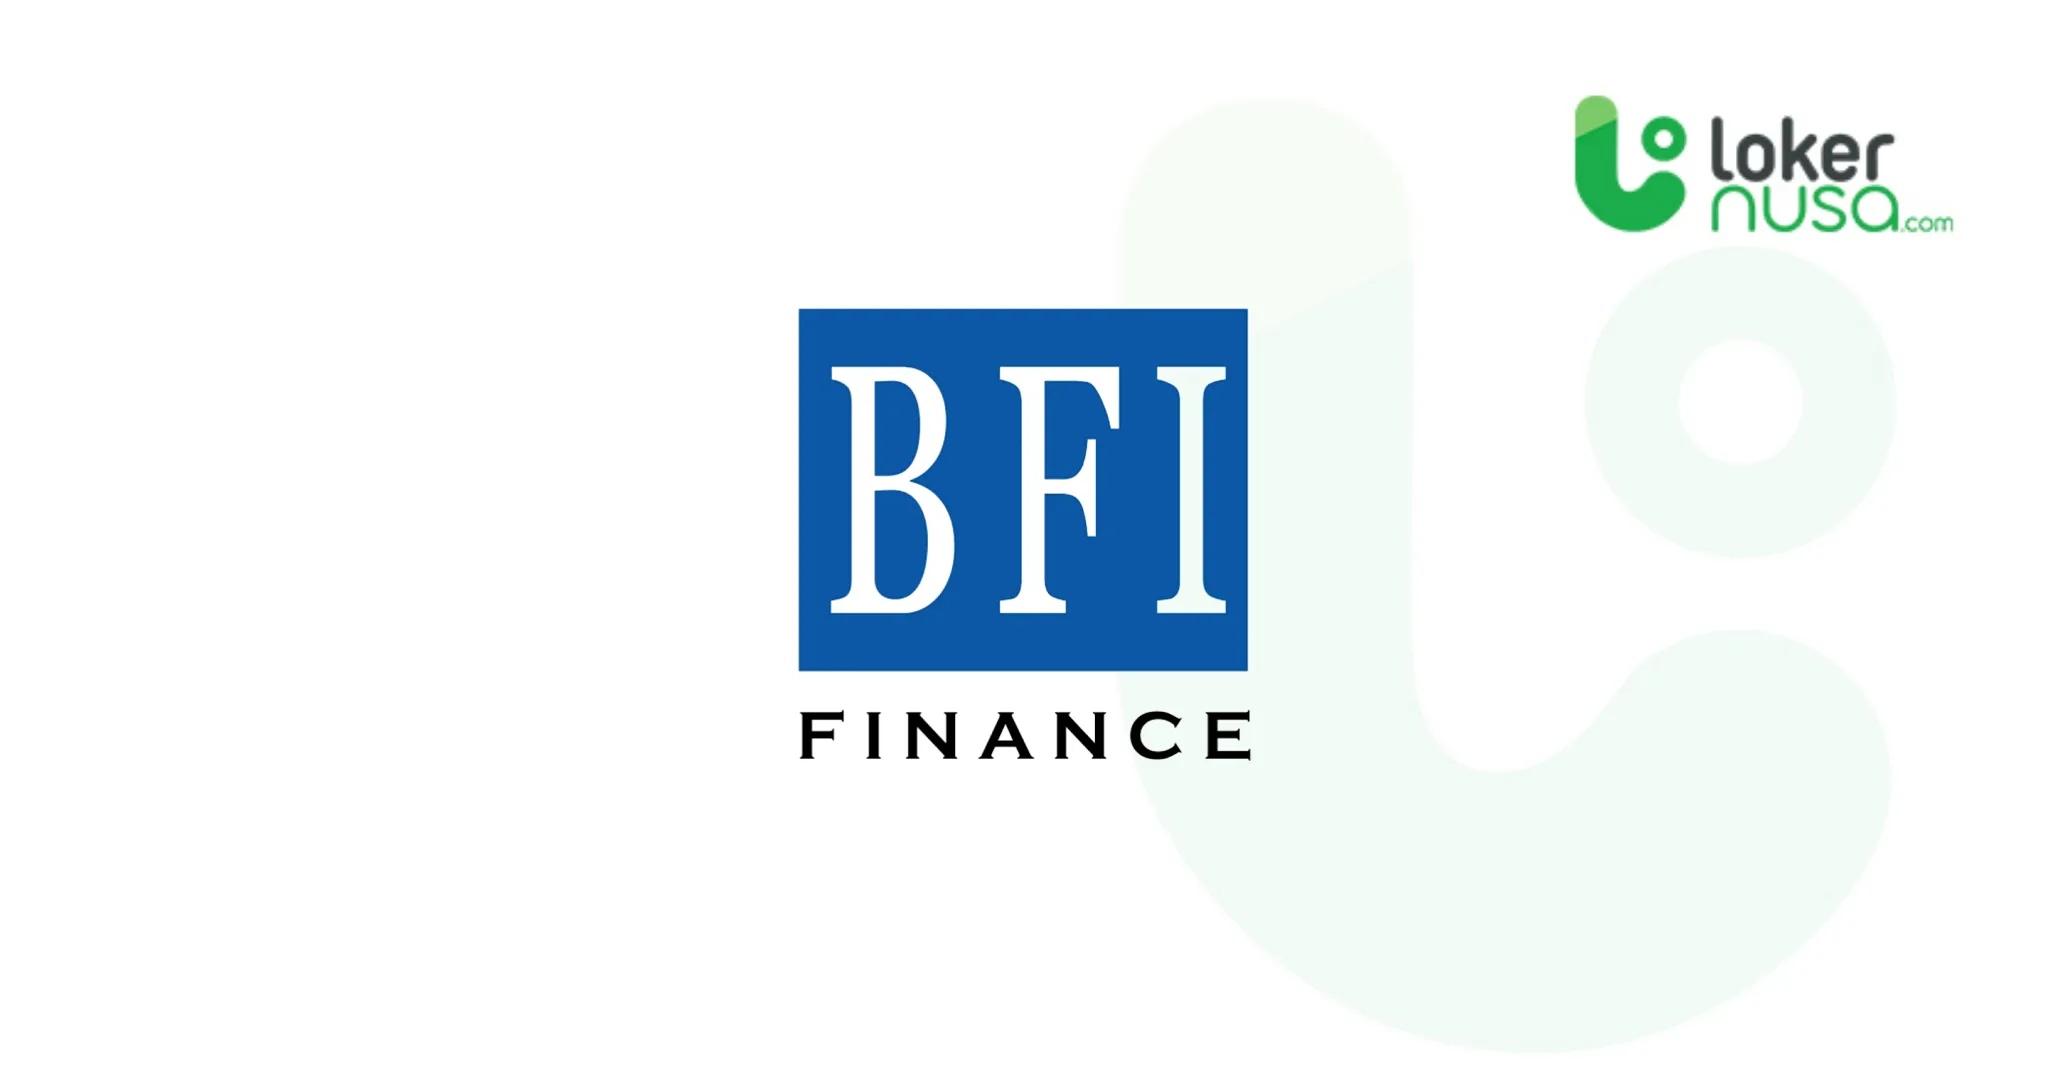 Lowongan Kerja Kalimantan -  BFI Finance